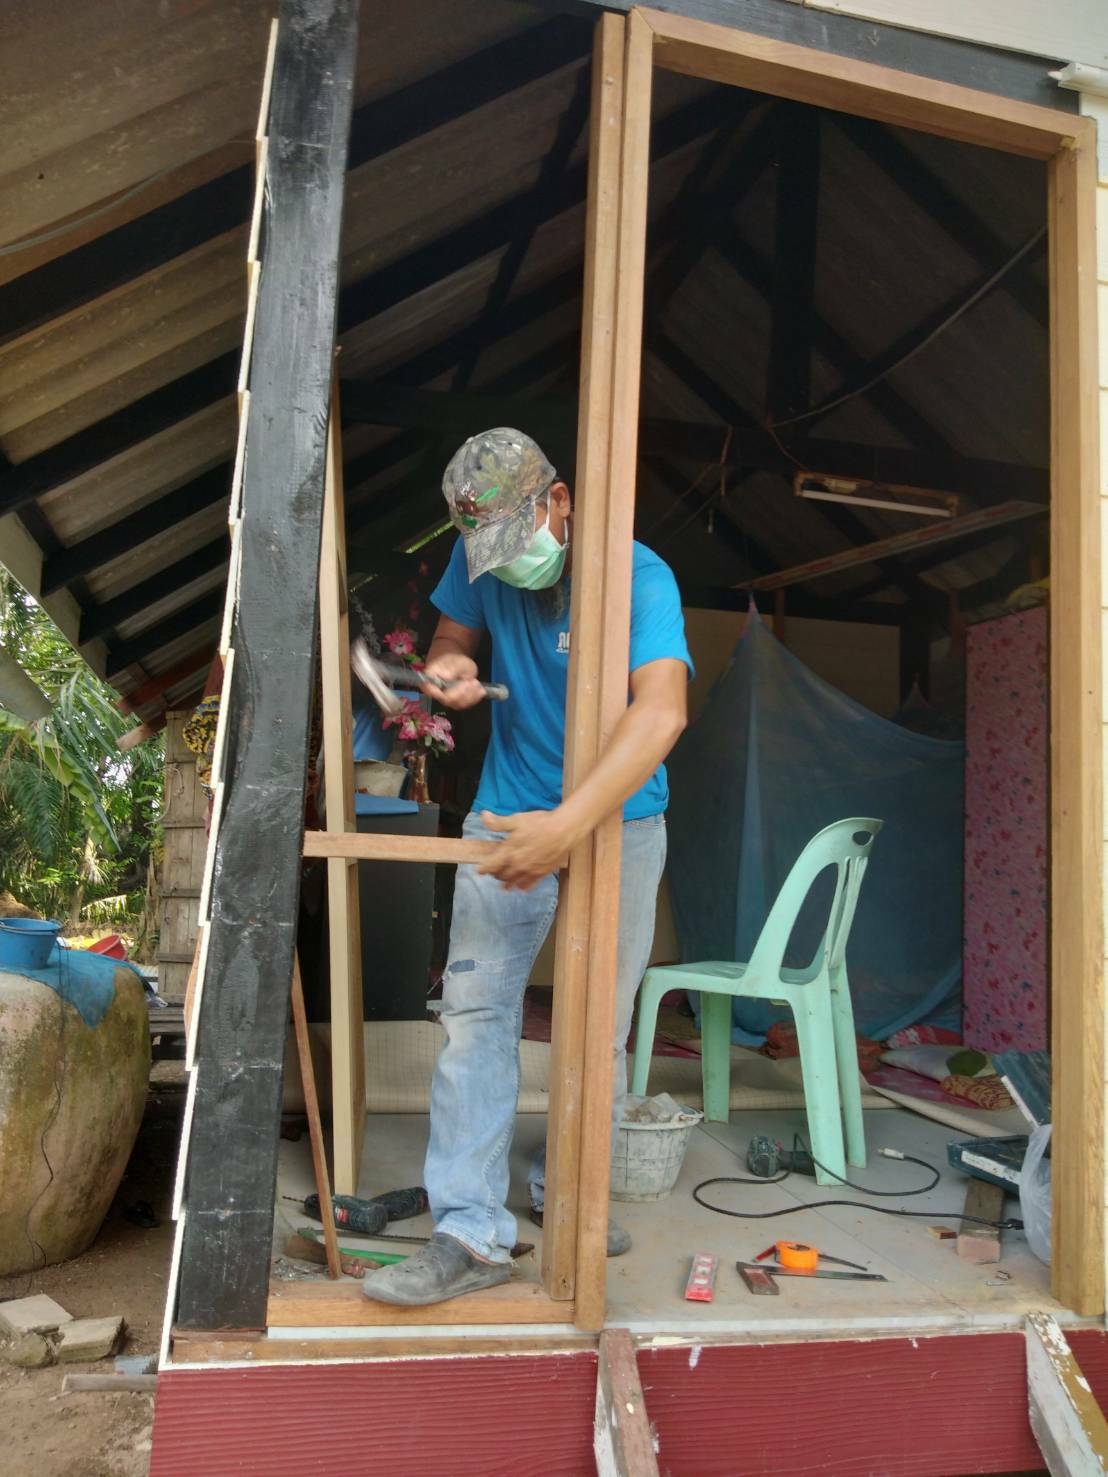 ประธานสั่งเร่งด่วน ซ่อมแซมบ้าน โดย มมส กระบี่